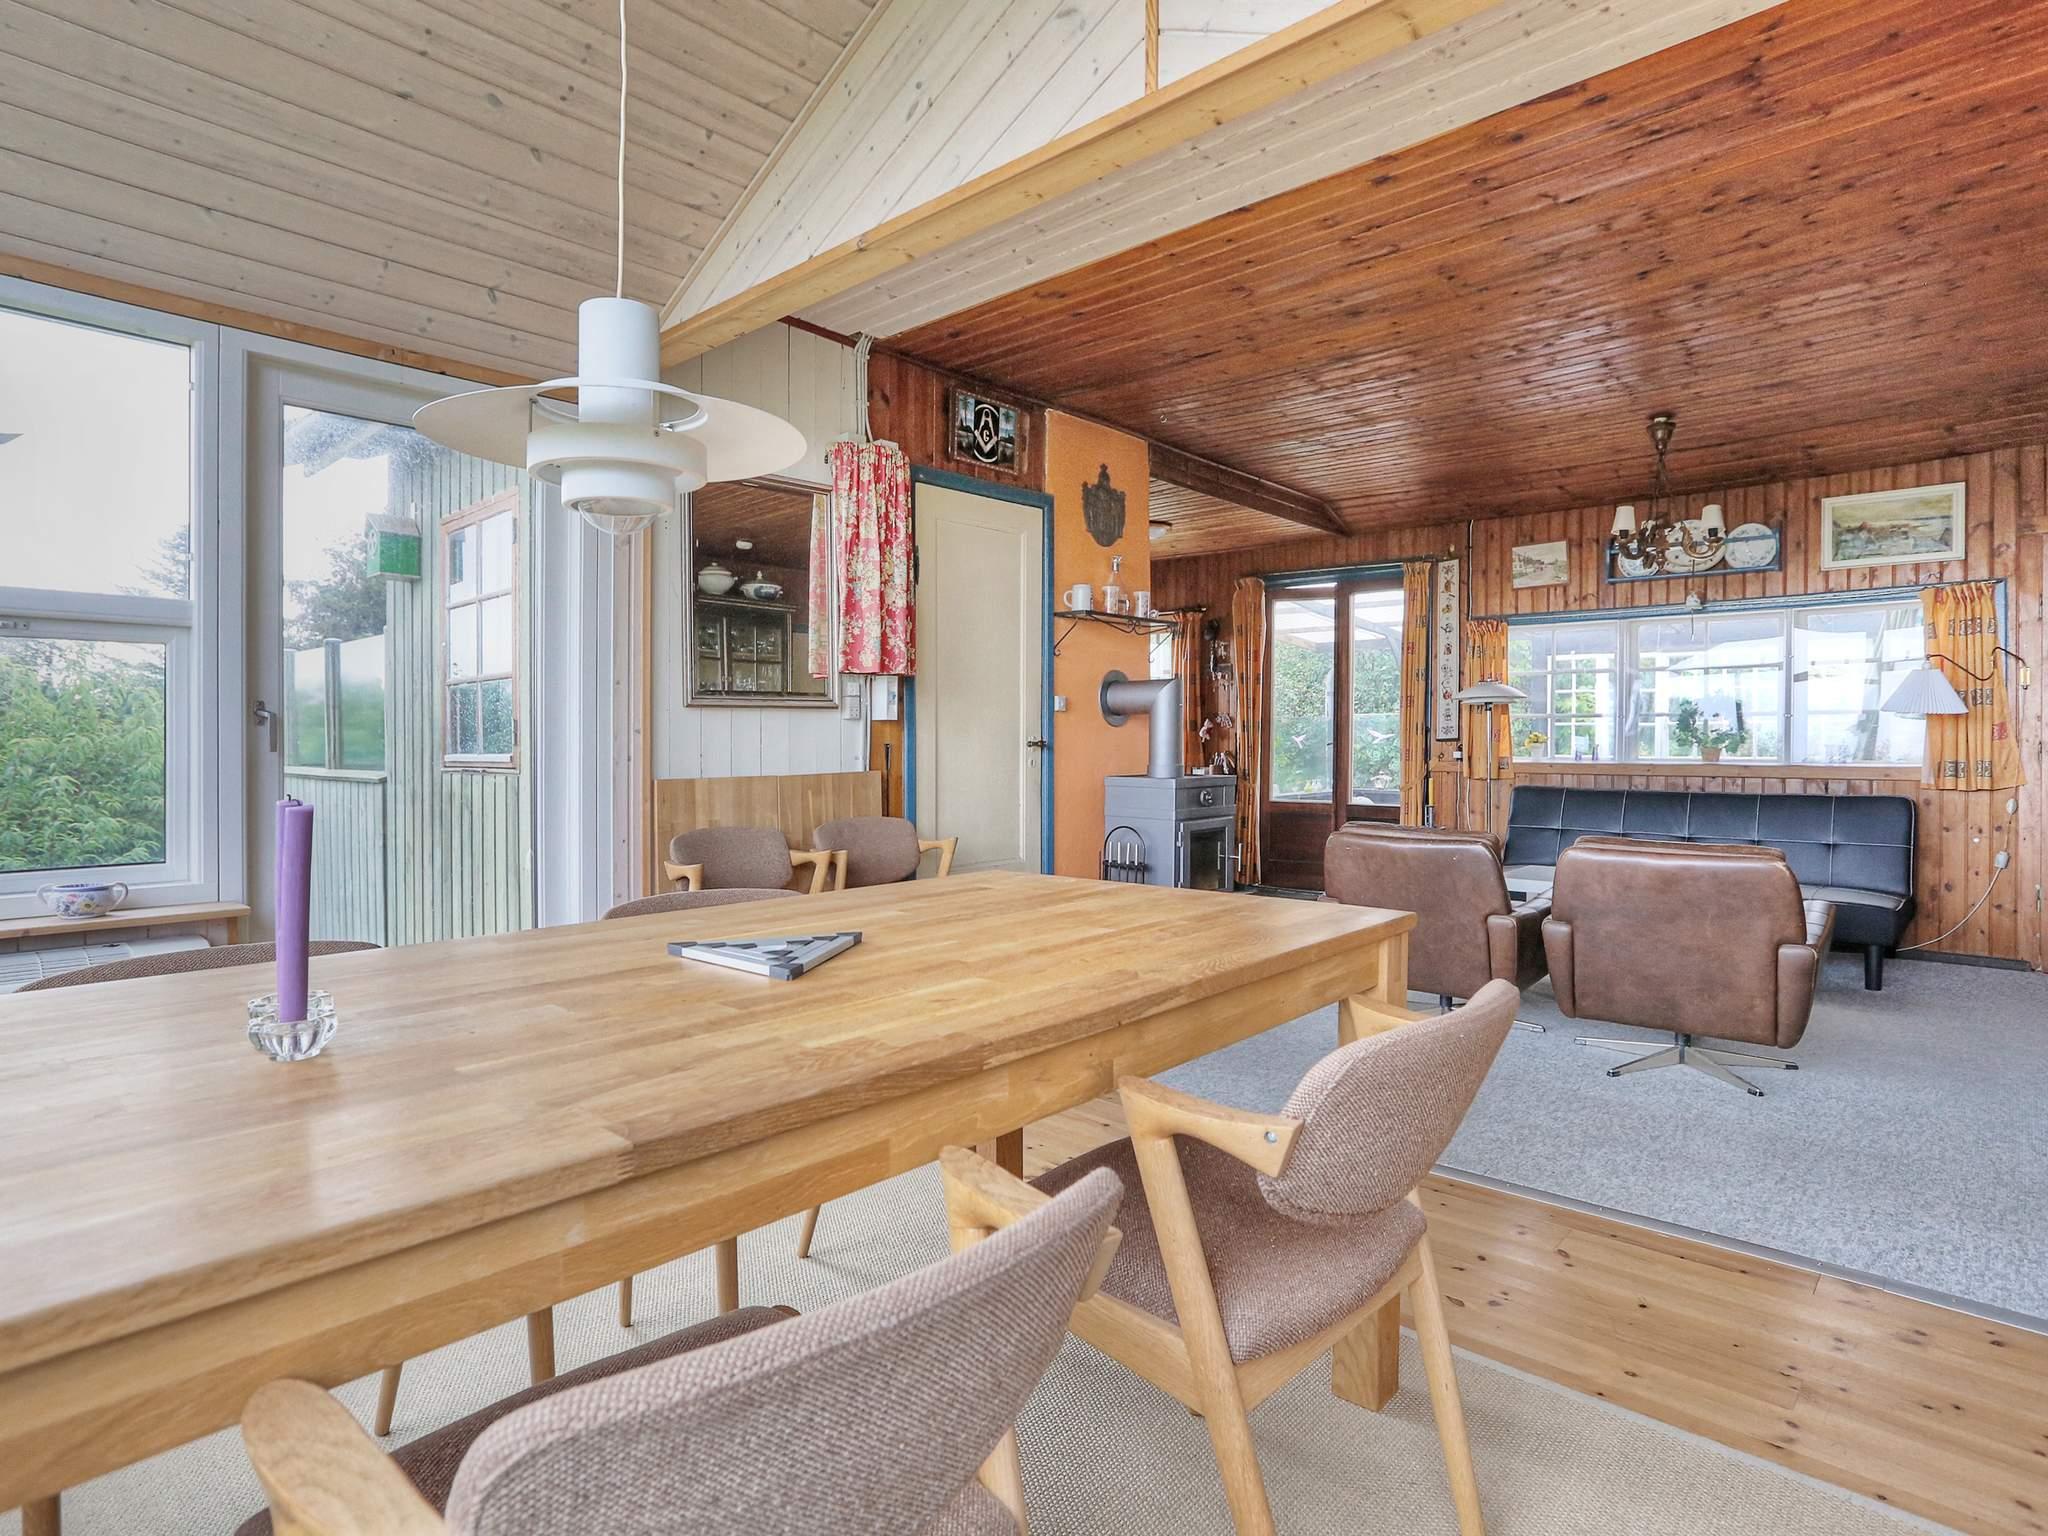 Ferienhaus Rågeleje (921041), Rågeleje, , Nordseeland, Dänemark, Bild 7